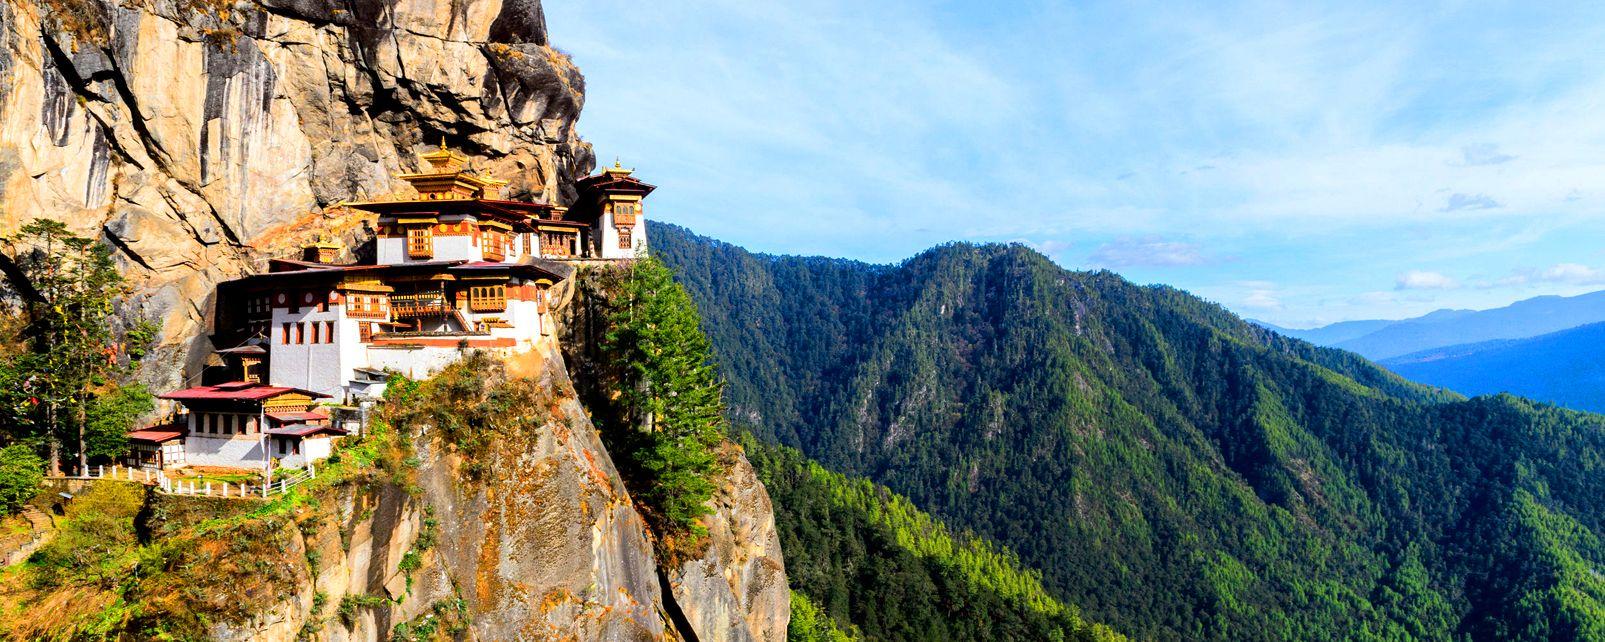 Le Monastère de Taktshang, Bouthan